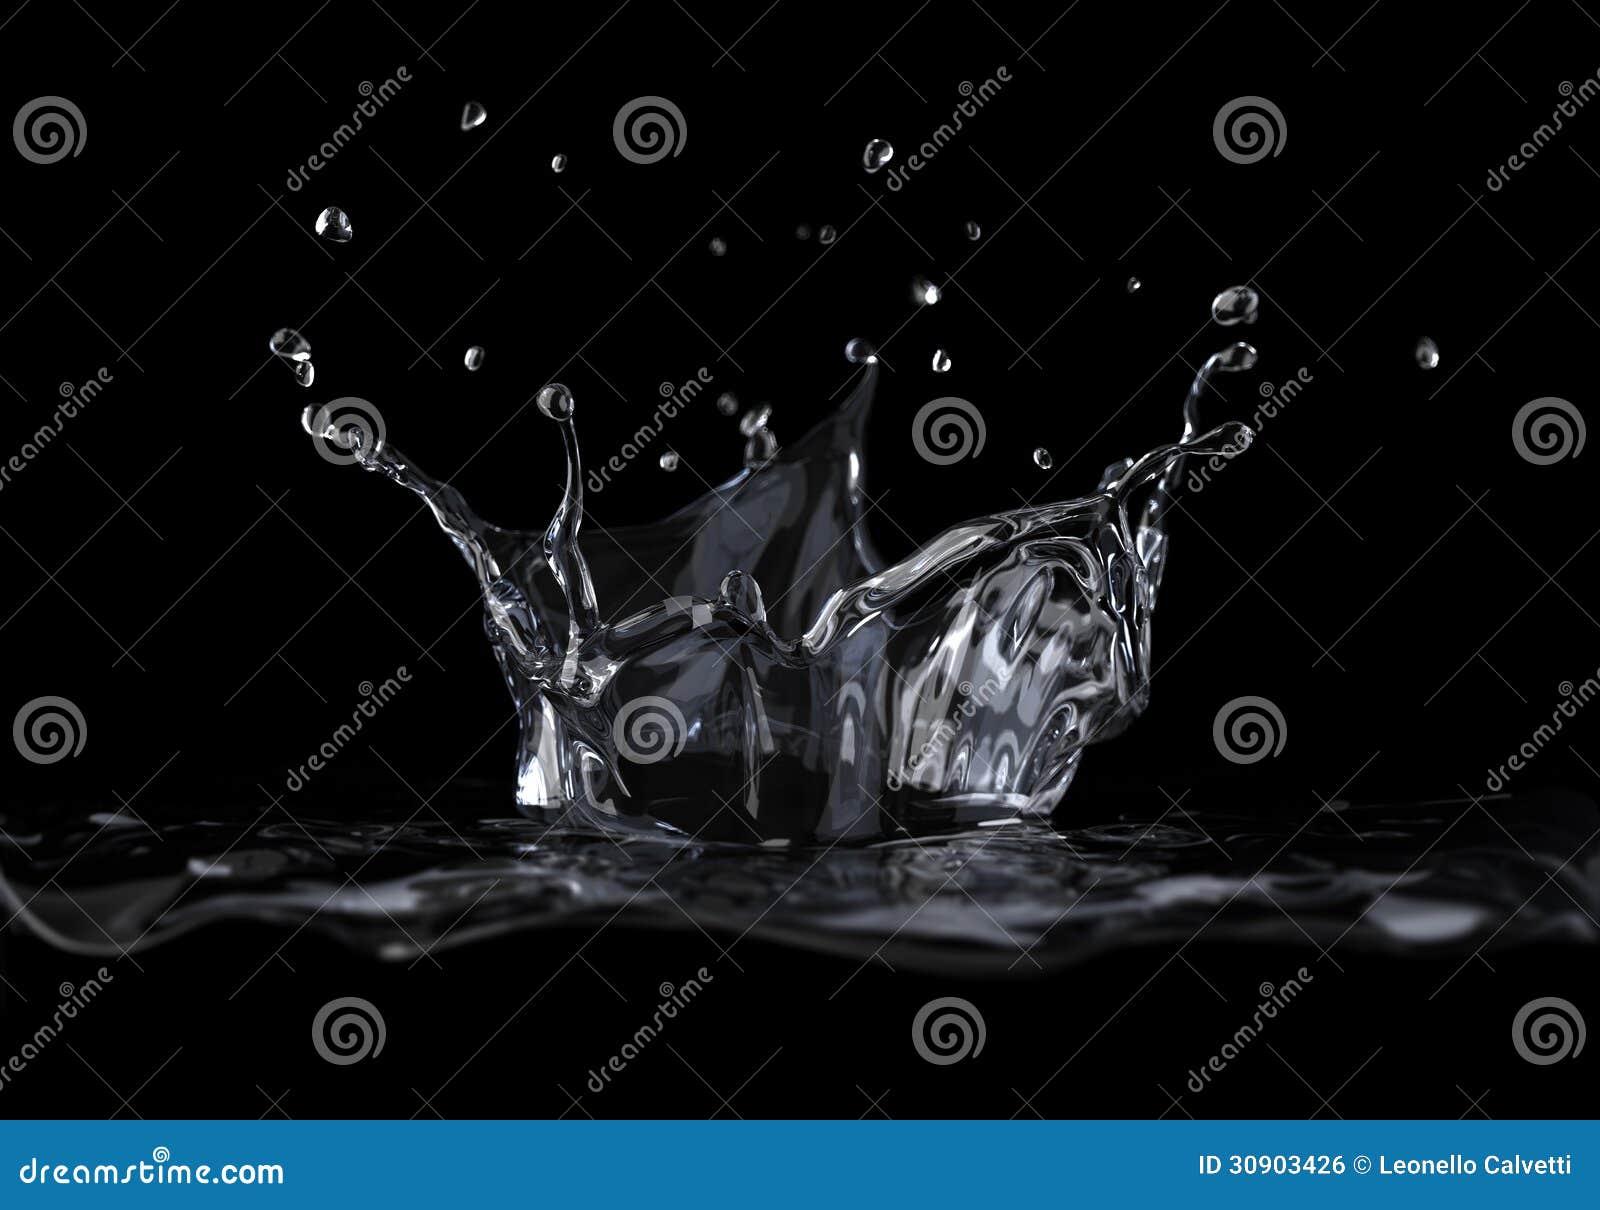 Παφλασμός κορωνών νερού που αντιμετωπίζεται από μια πλευρά, στο μαύρο υπόβαθρο.